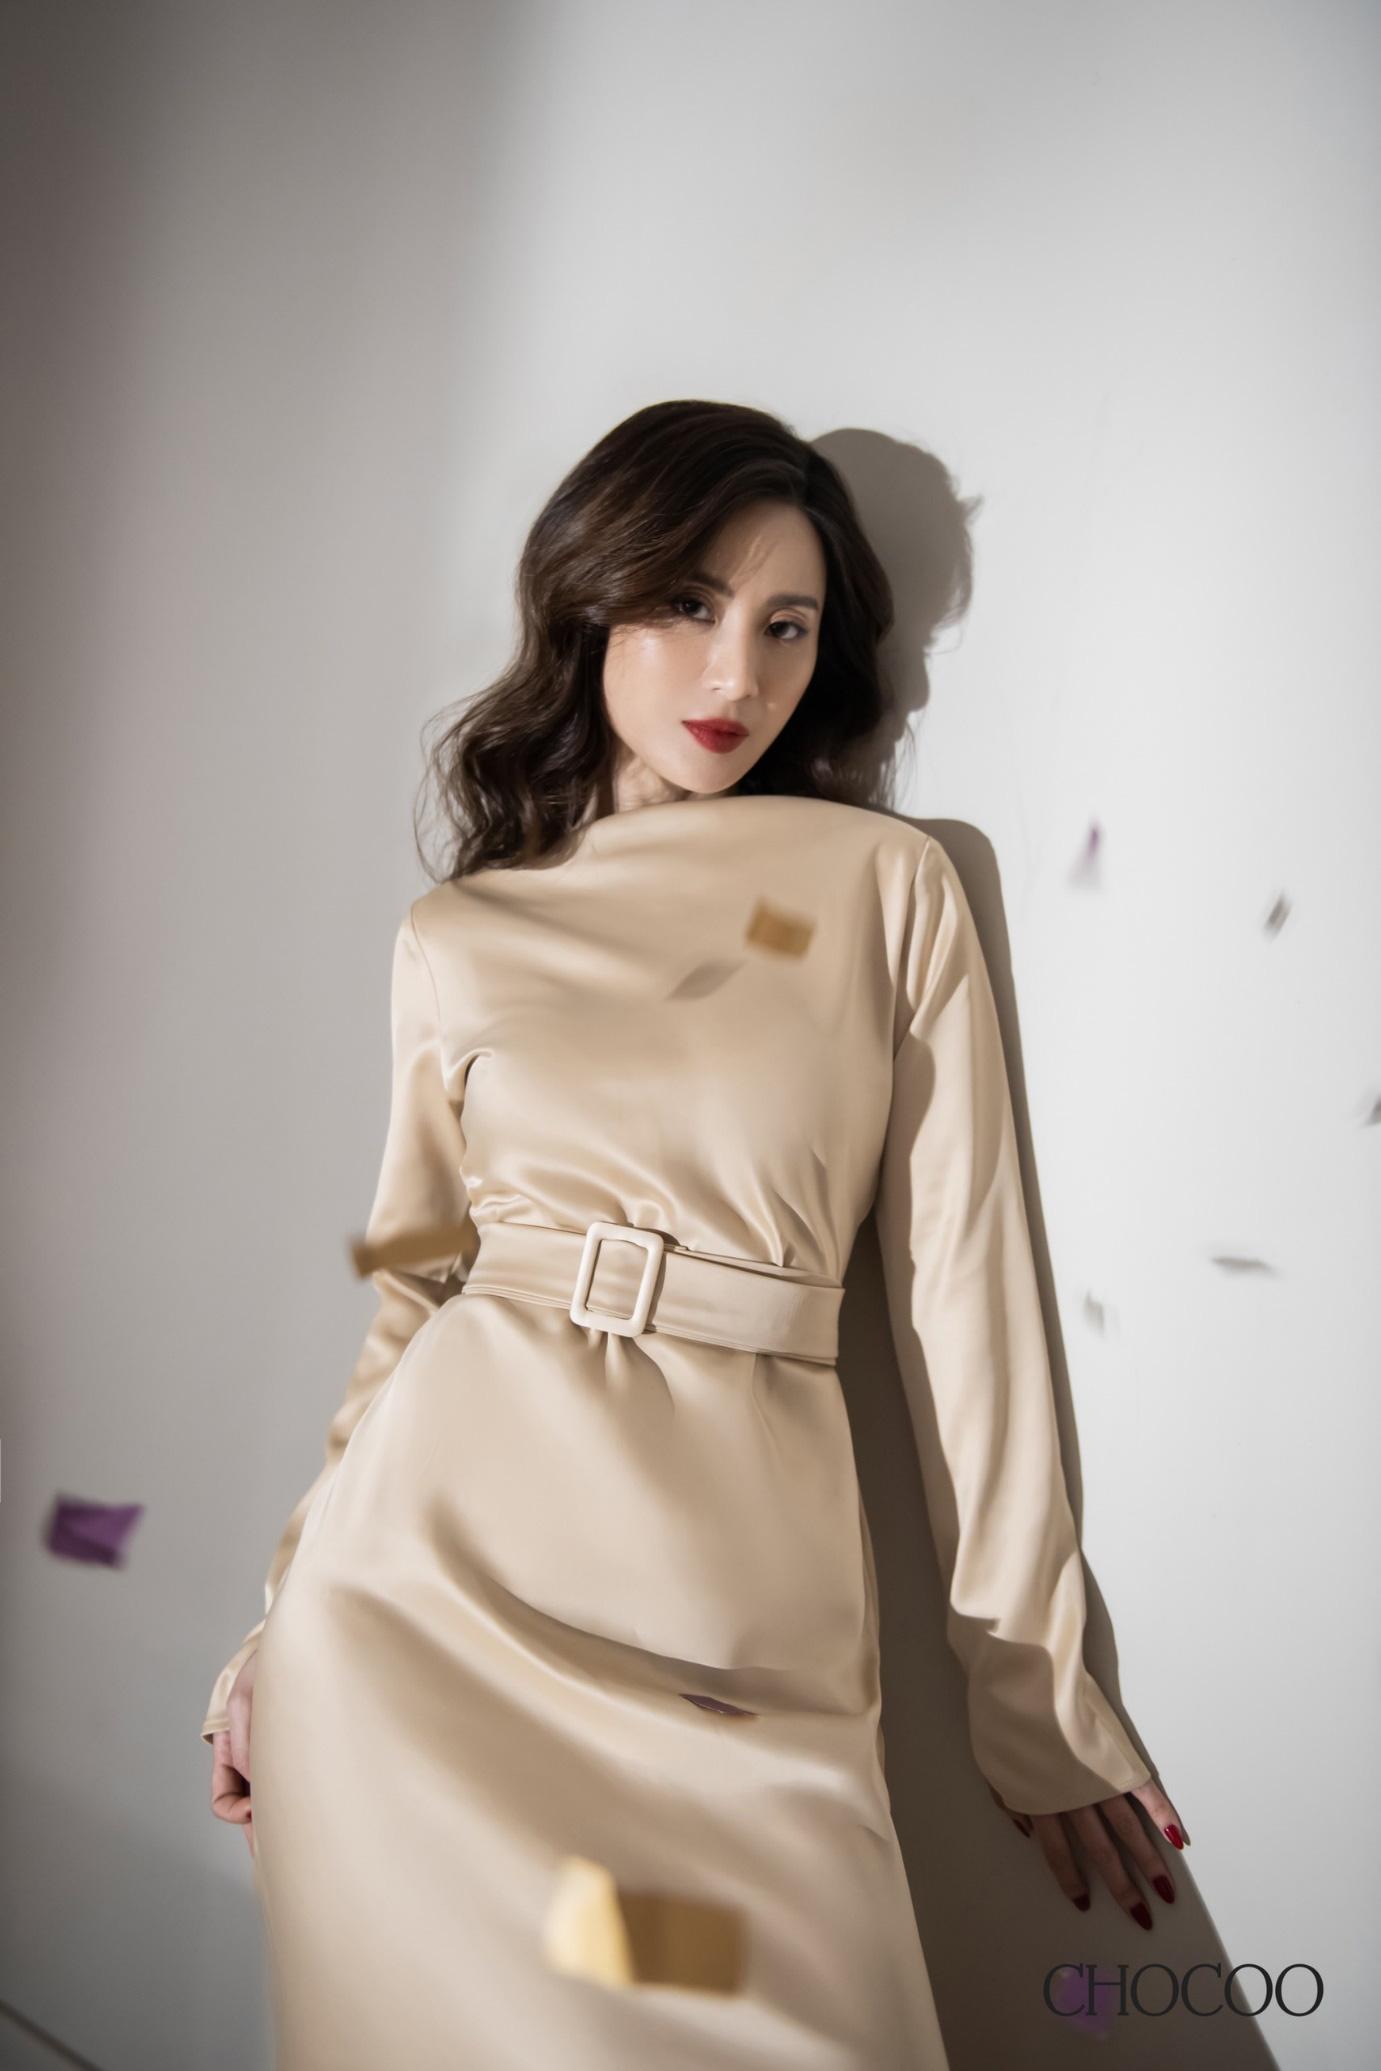 Brand thời trang nữ mang đậm chất riêng CHOCOO: Phong cách mới lạ, kiểu dáng độc đáo, hội chị em chắc chắn sẽ phát mê - Ảnh 4.